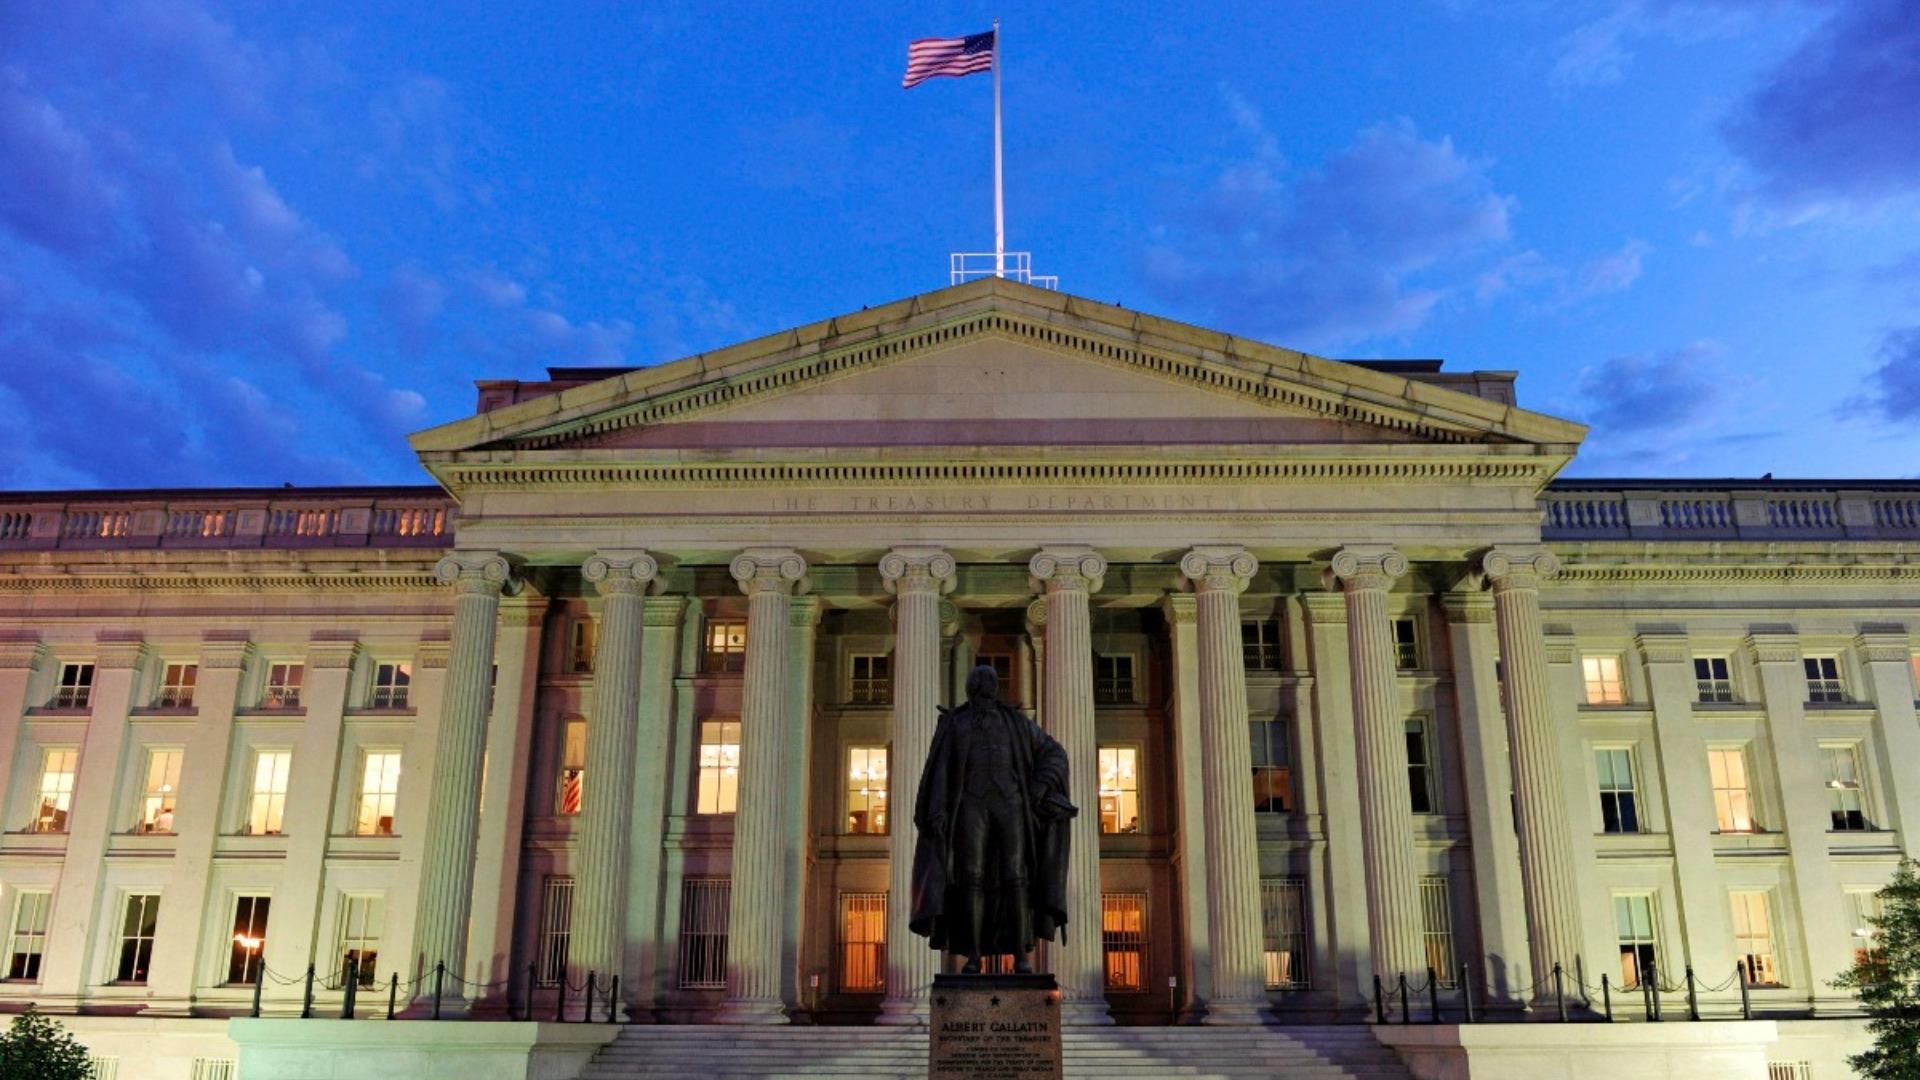 Departamento del Tesoro sanciona a 5 funcionarios del régimen de Maduro